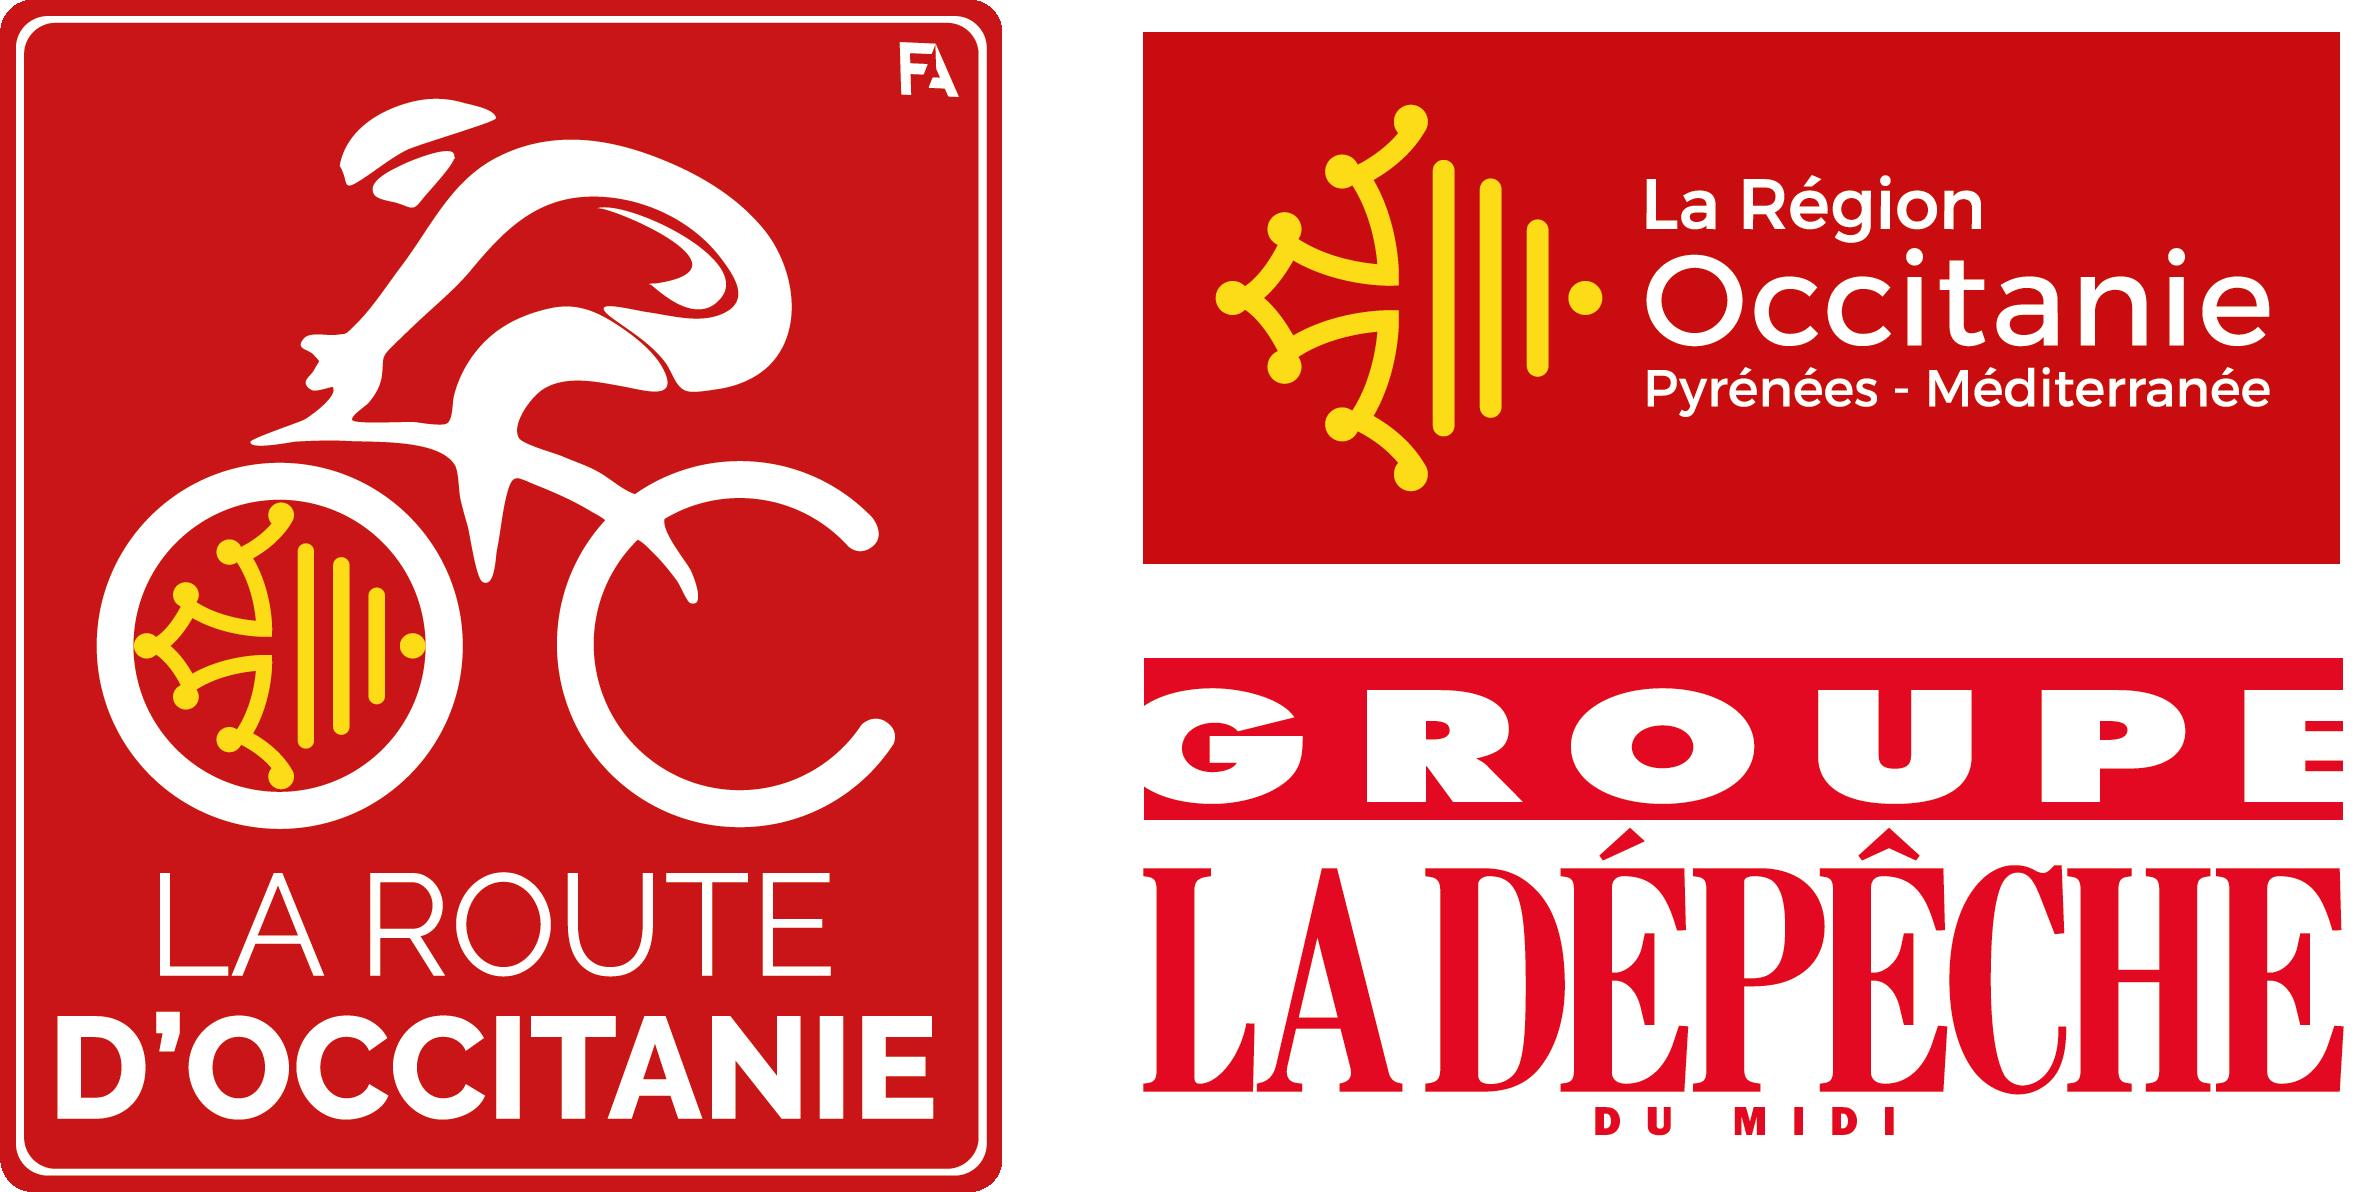 La Route D'Occitanie La Dépêche du Midi